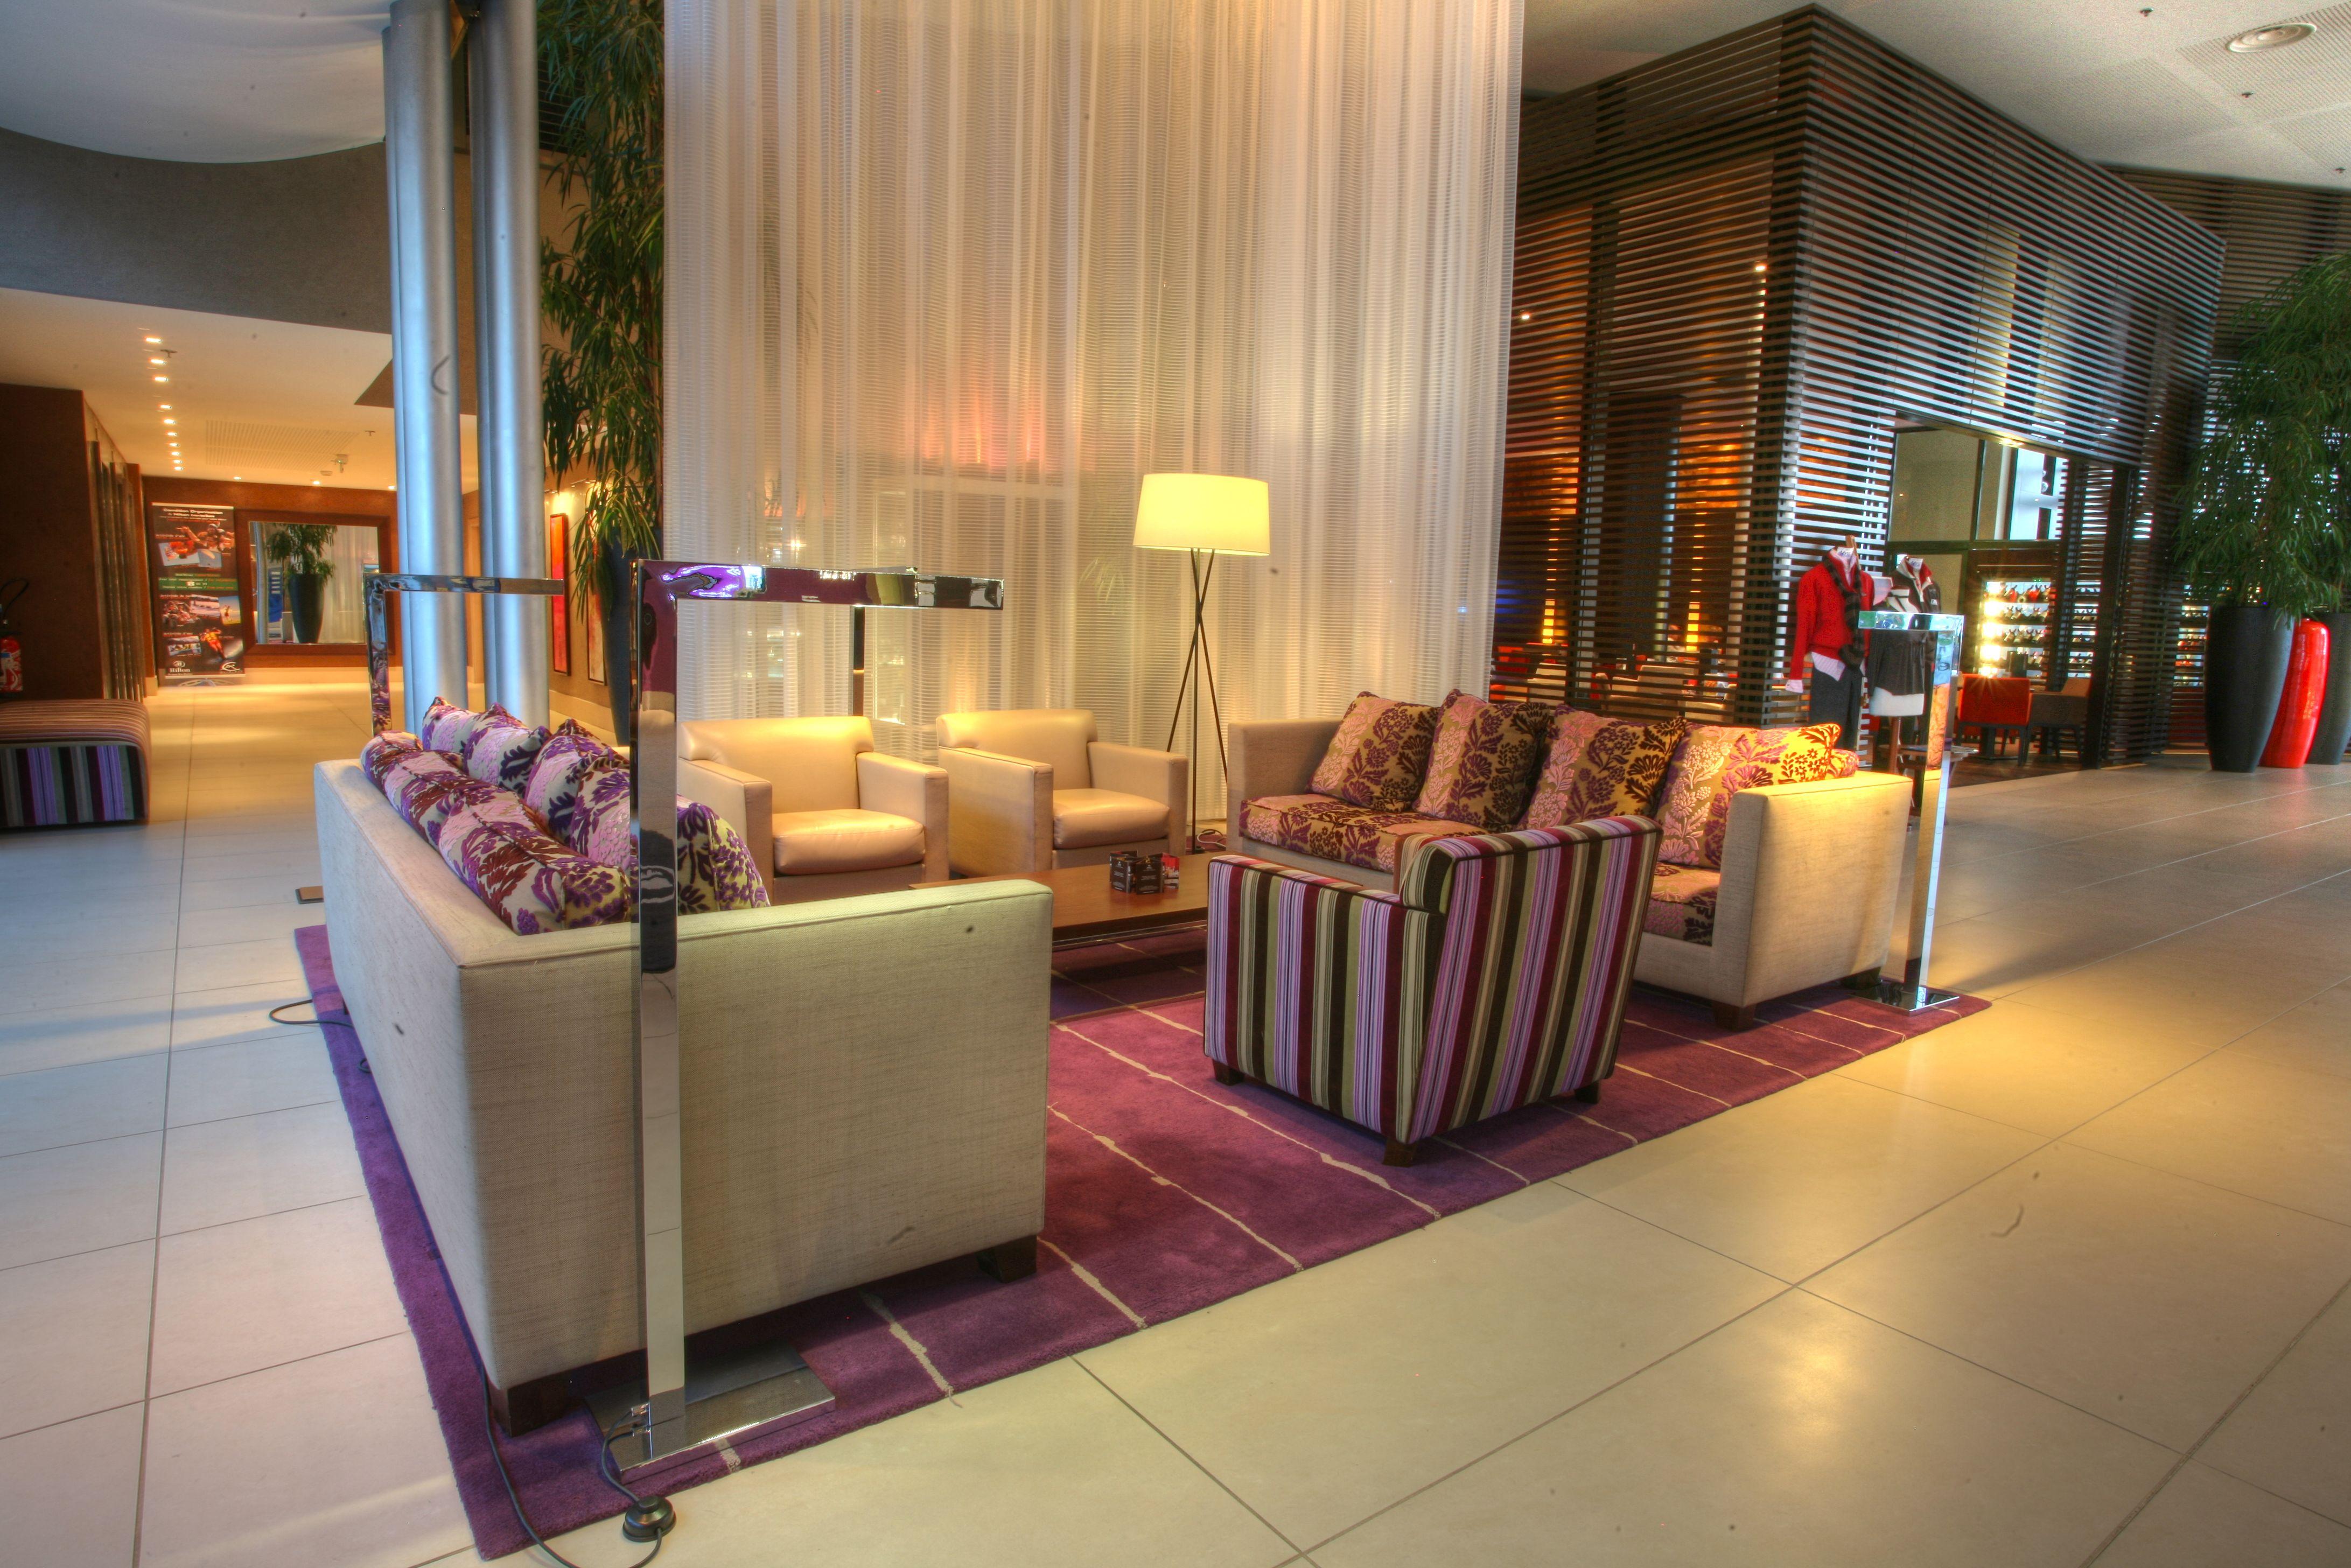 Leuchten Hilton Evian-les-Bains - Évian-les-Bains